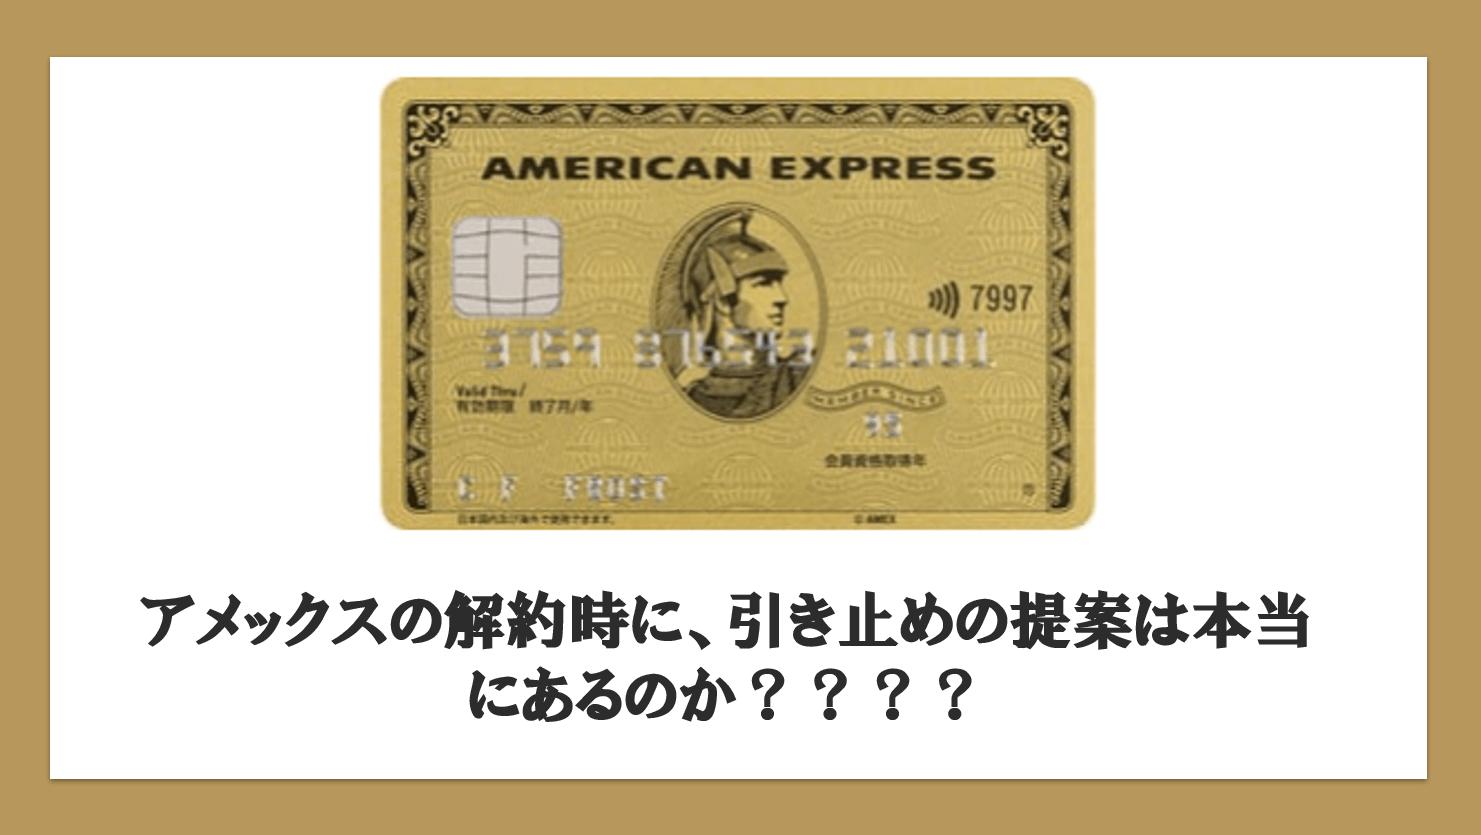 カード 解約 エクスプレス DCカード エクスプレス予約サービス(プラスEX会員) クレジットカードなら三菱UFJニコス